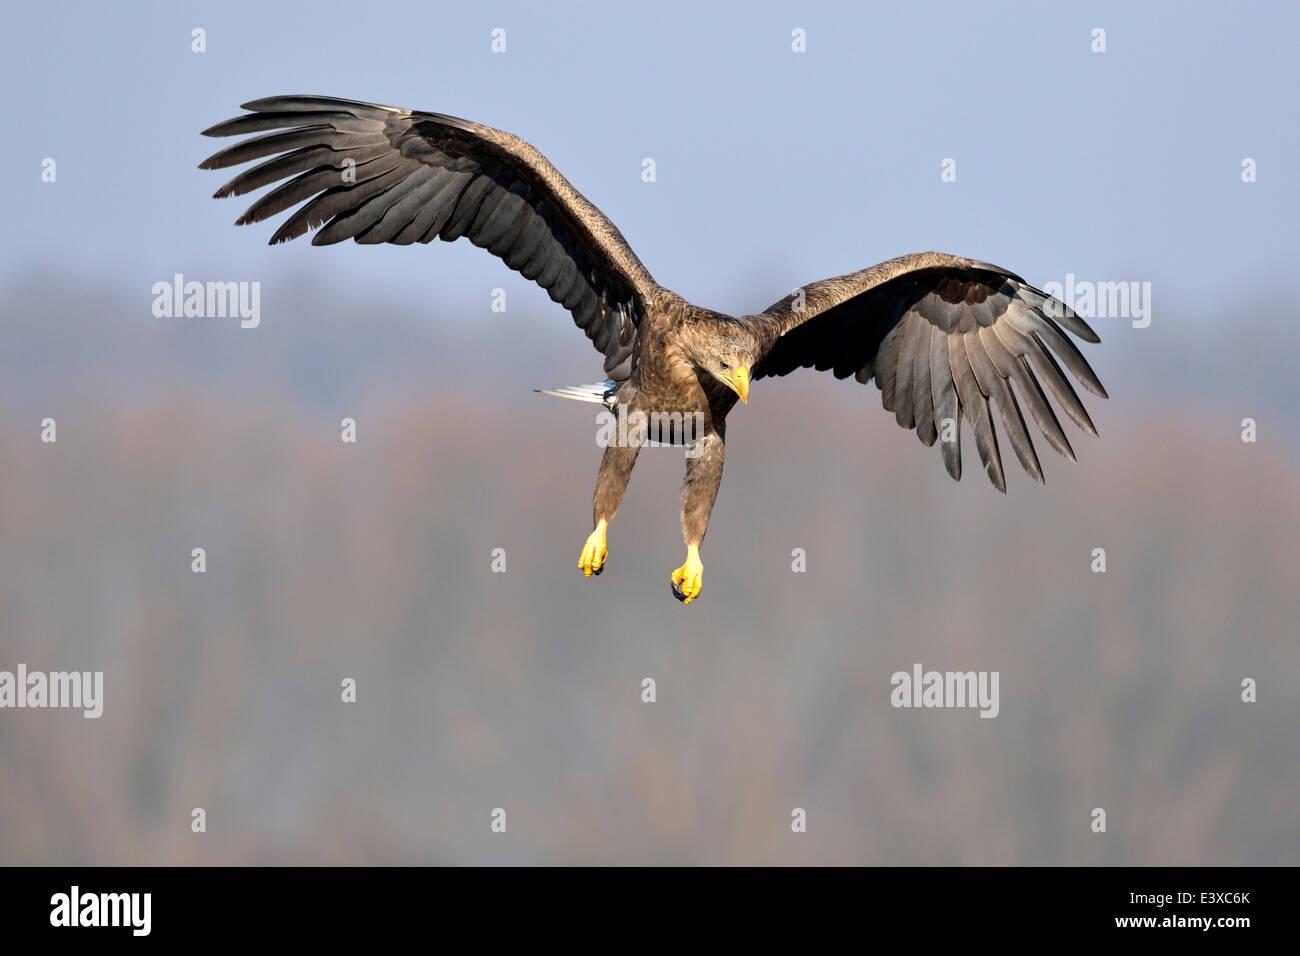 White-tailed Eagle (Haliaeetus albicilla), adult in flight, Łódź Voivodeship, Poland Stock Photo